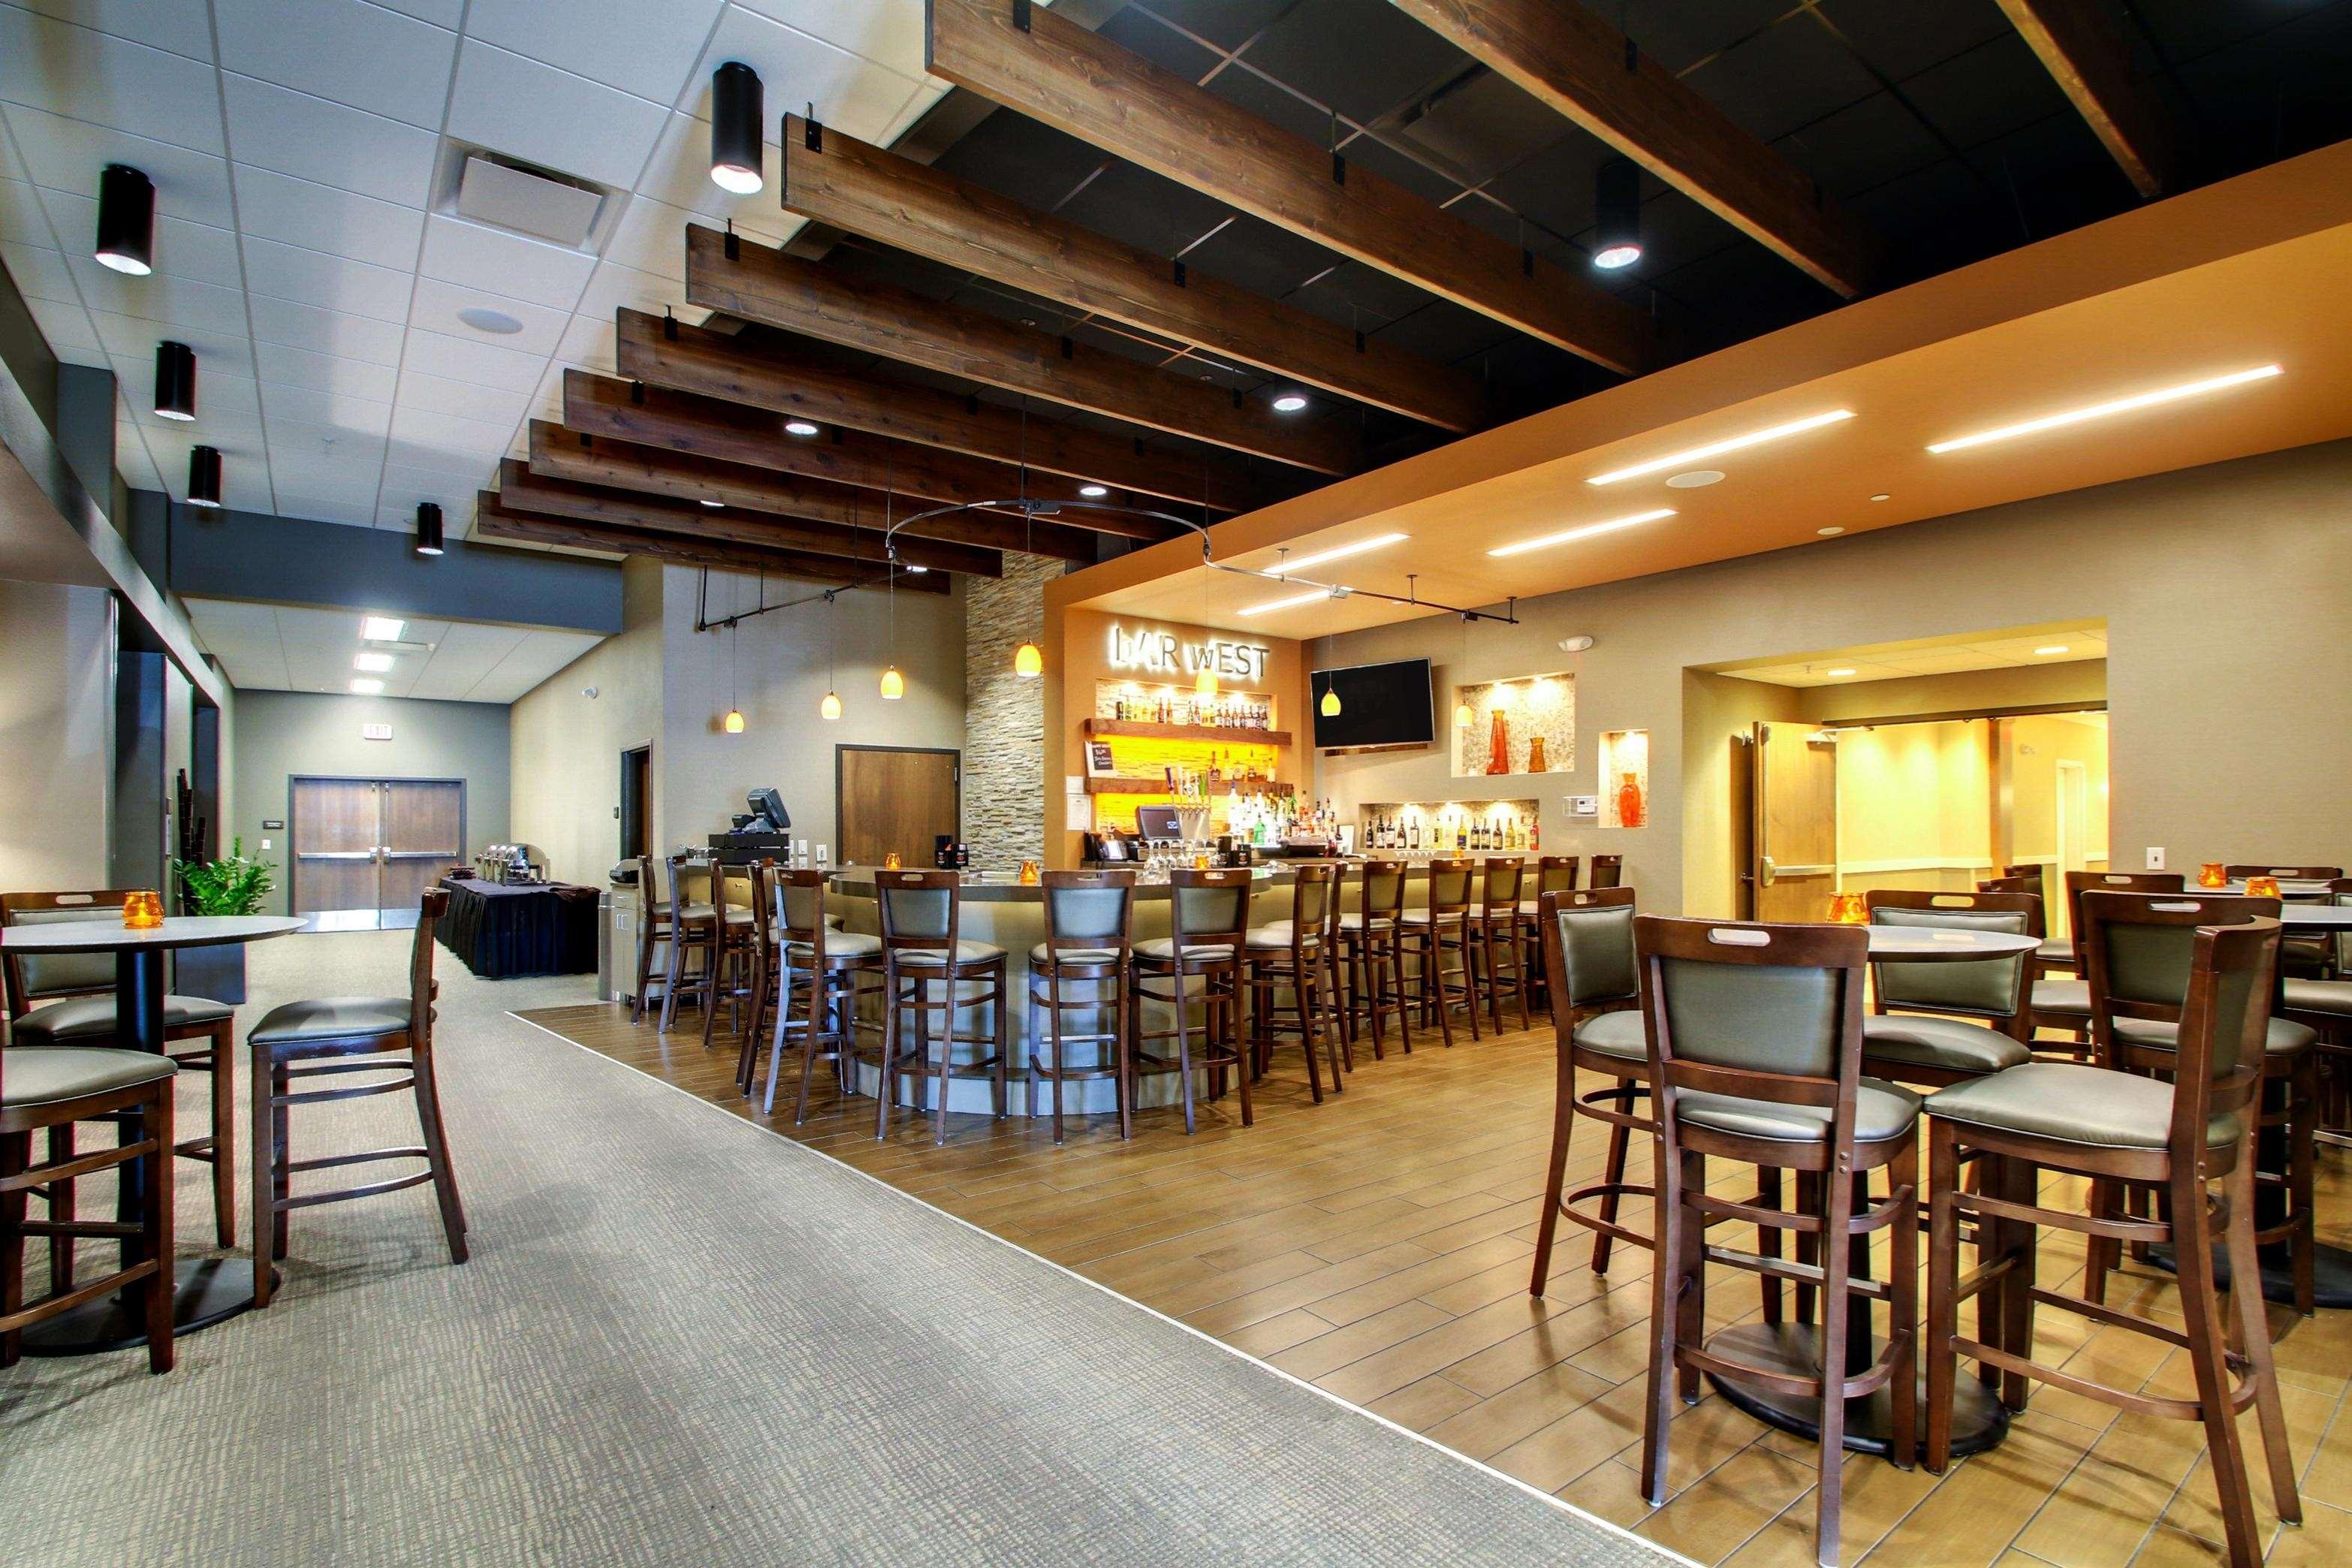 Hampton Inn & Suites Milwaukee West image 7